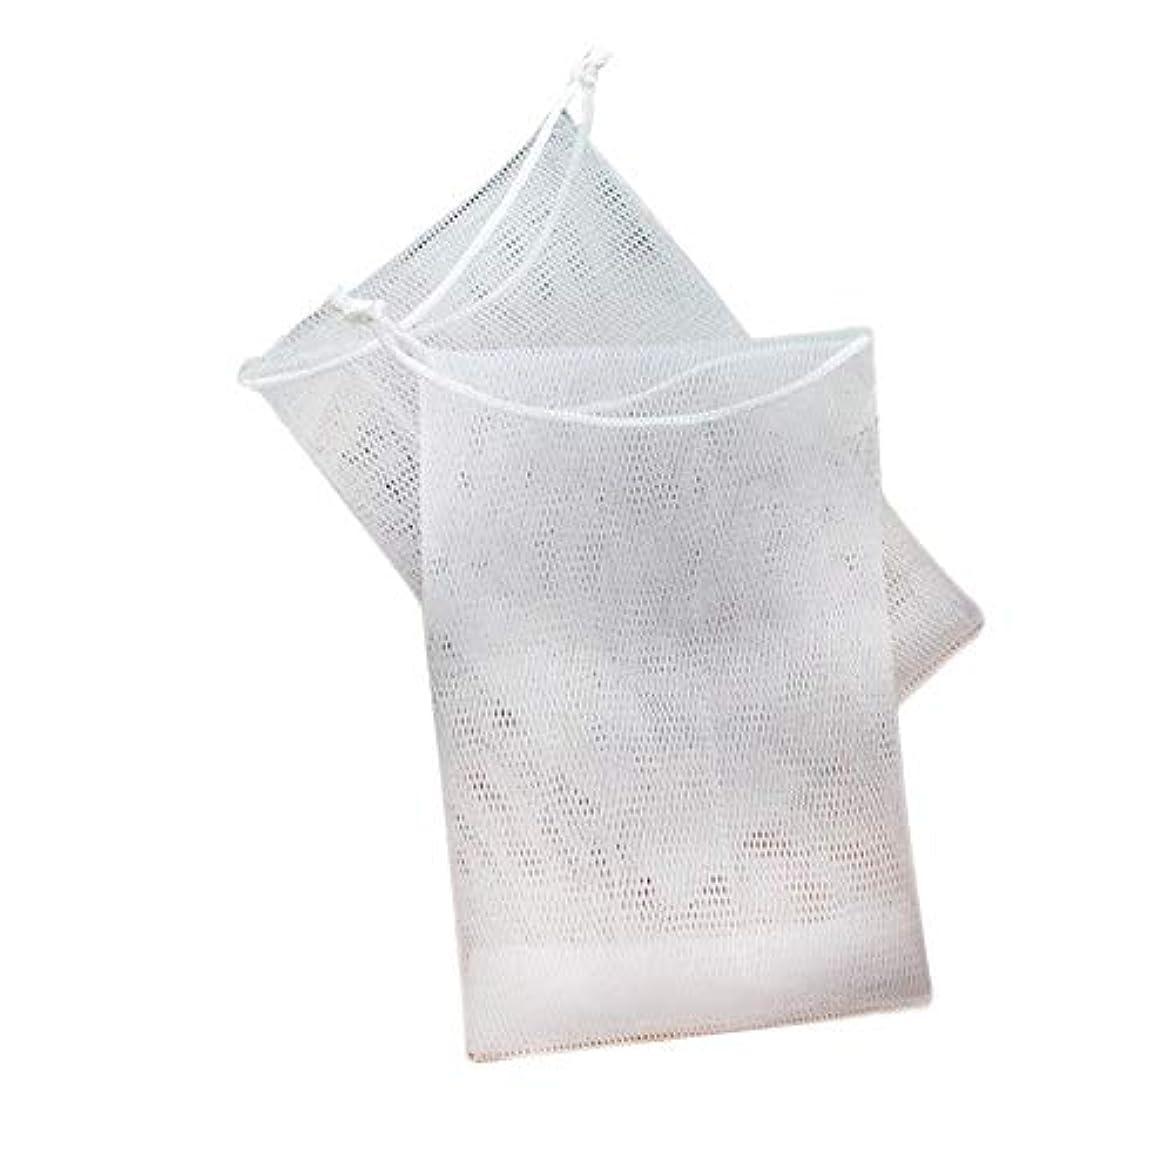 石鹸の袋の網のドローストリング袋は ハンドメイドの石鹸の泡泡ネットメーカーのために掛けることができます 12×9cm